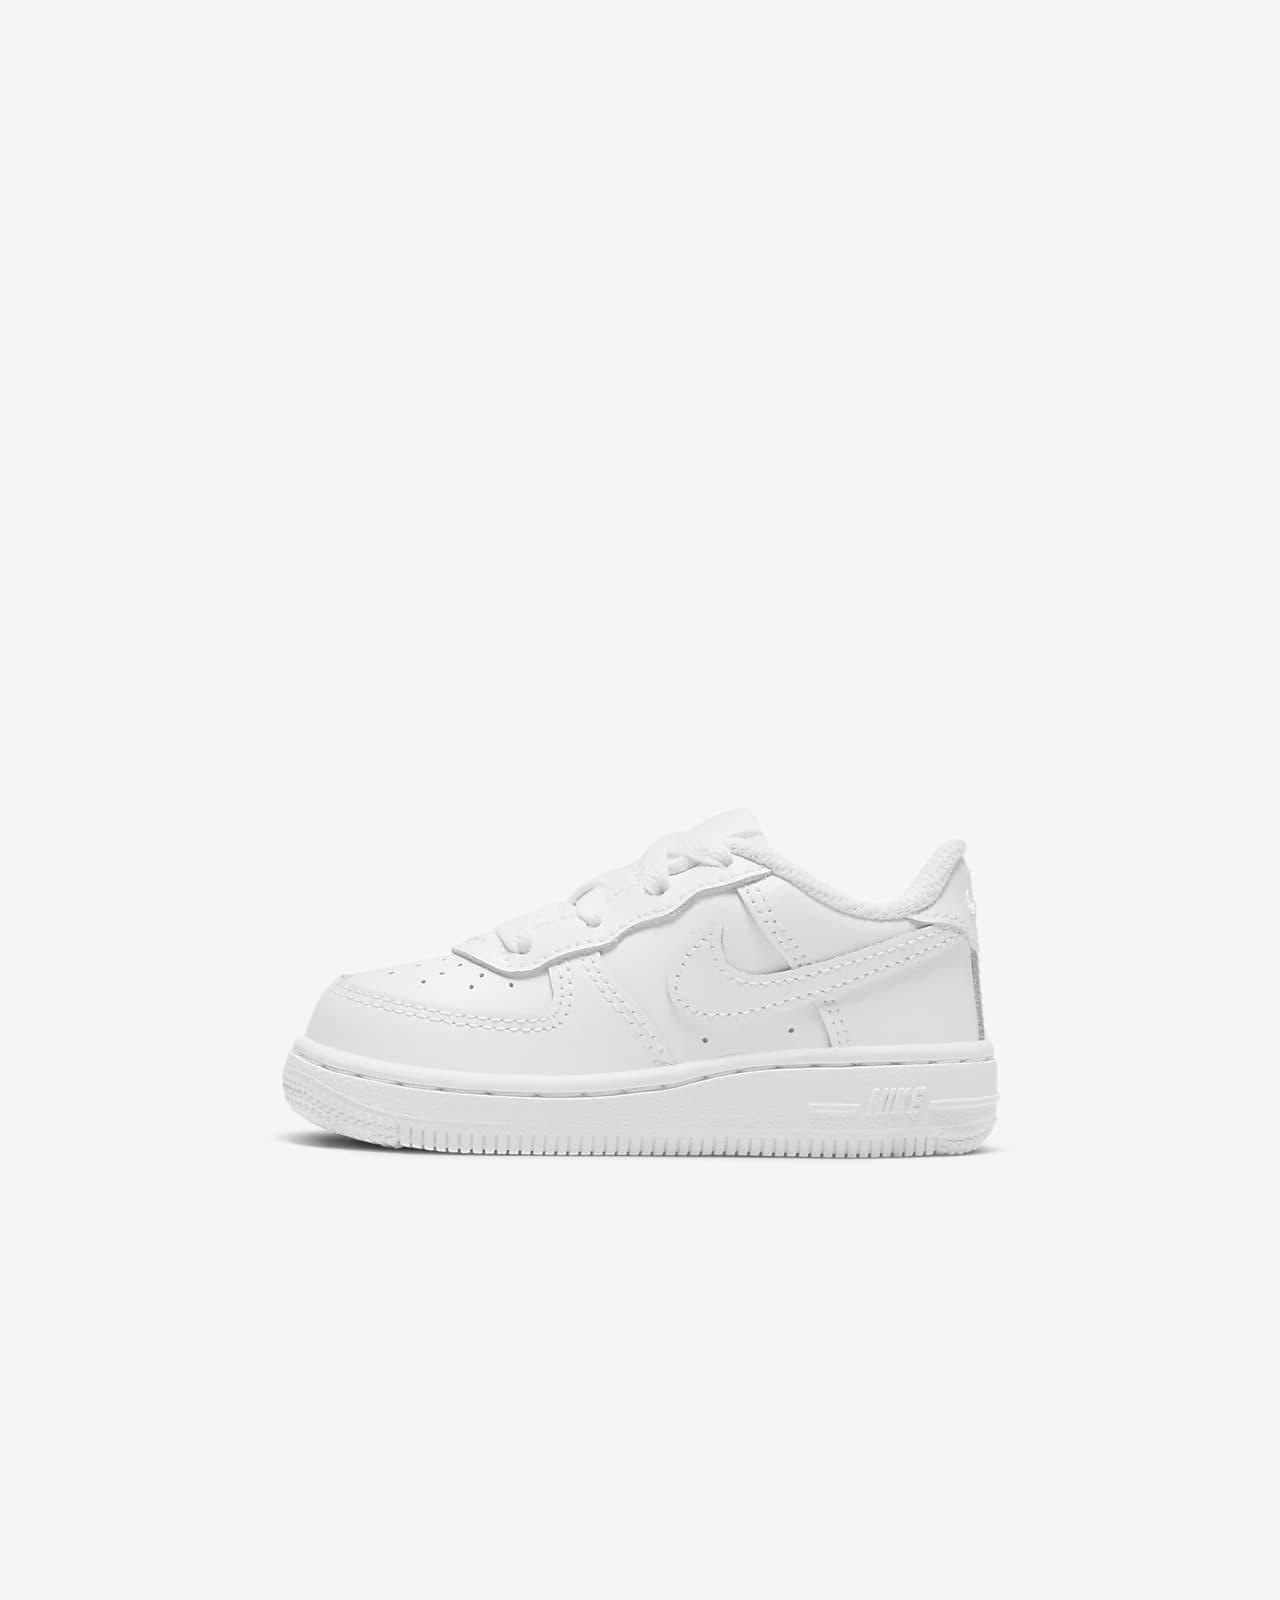 Παπούτσι Nike Force 1 LE για βρέφη και νήπια